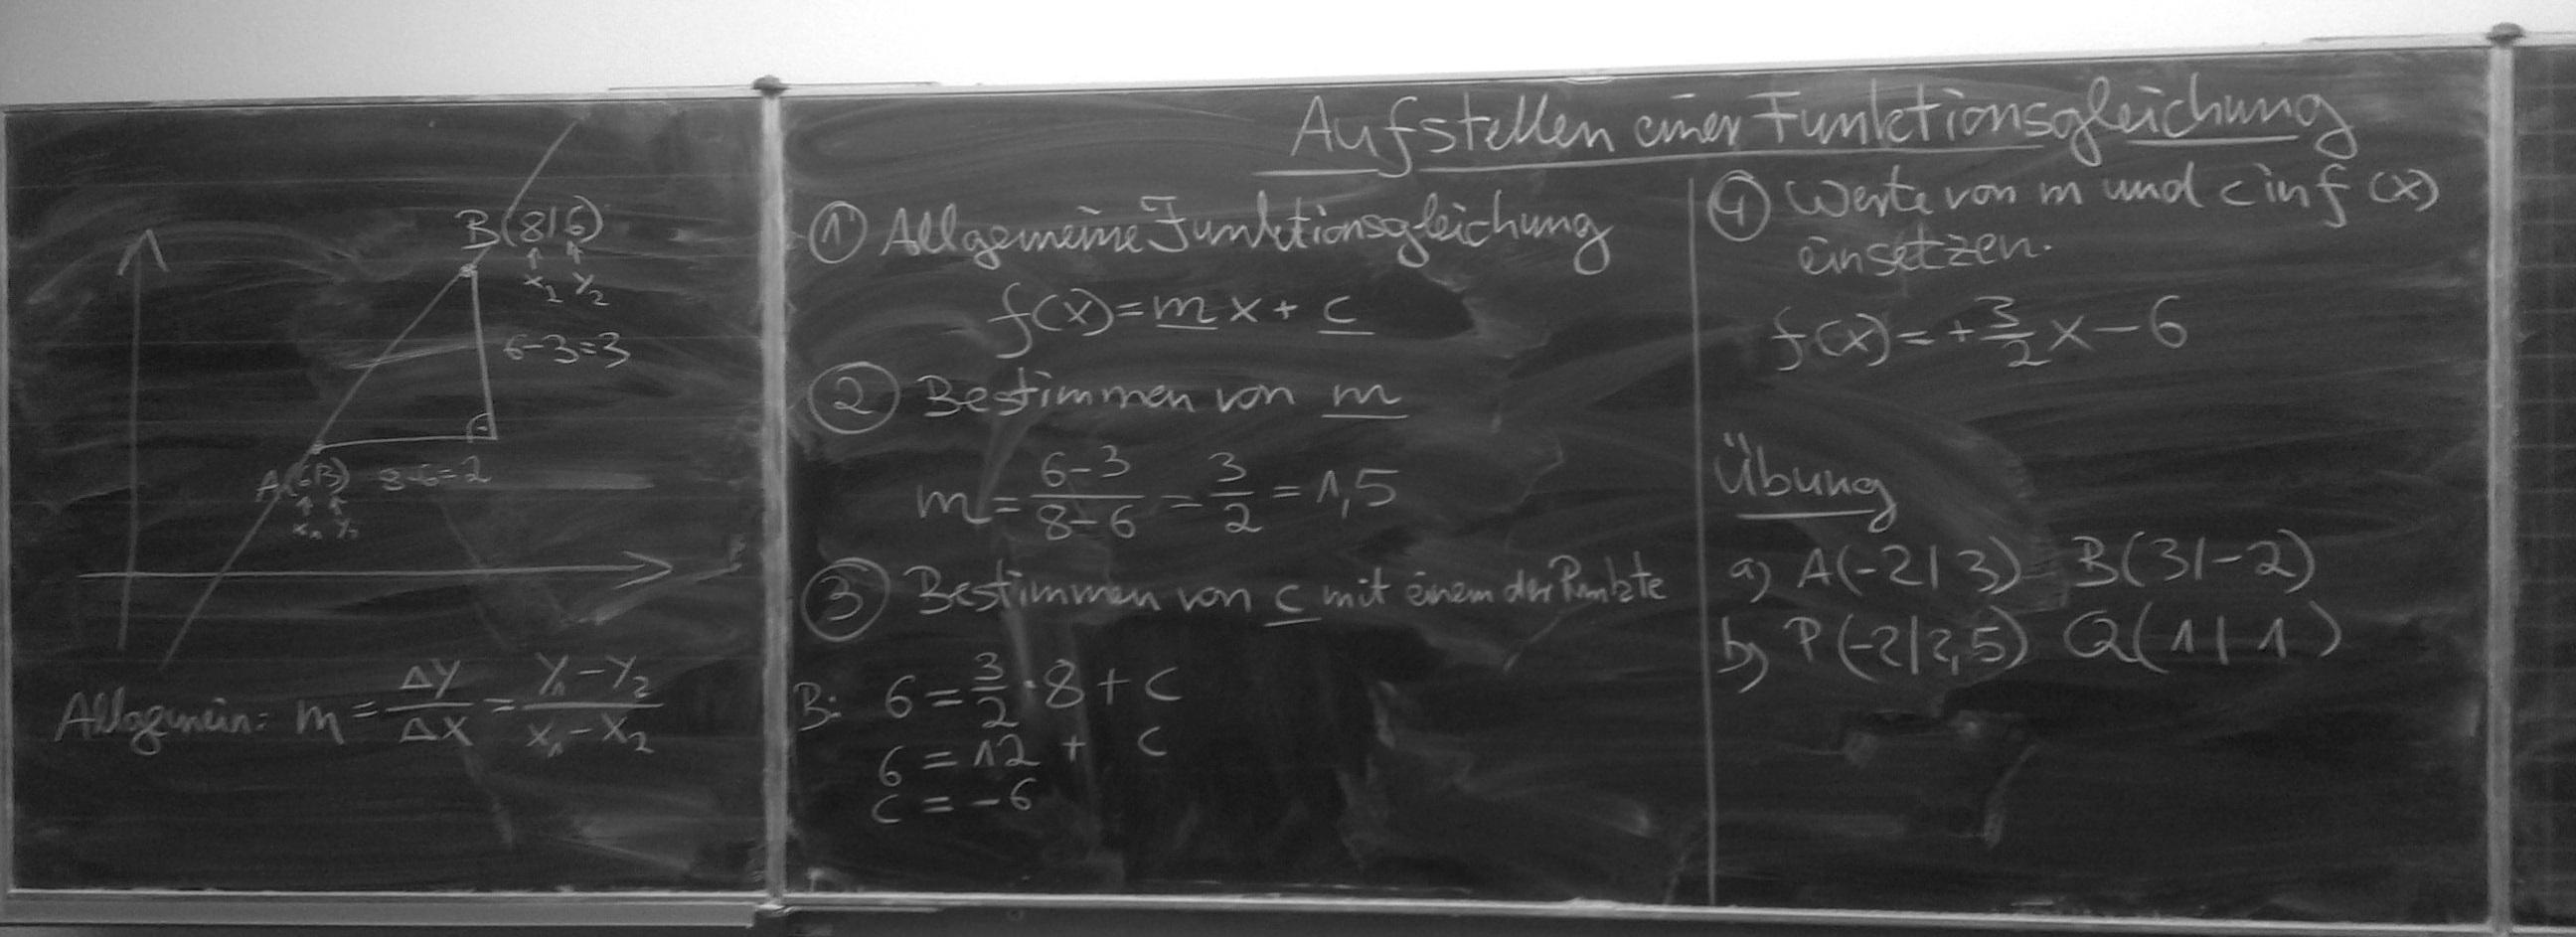 Aufstellen einer Funktionsgleichung - Lineare Funktion - Tafelbild